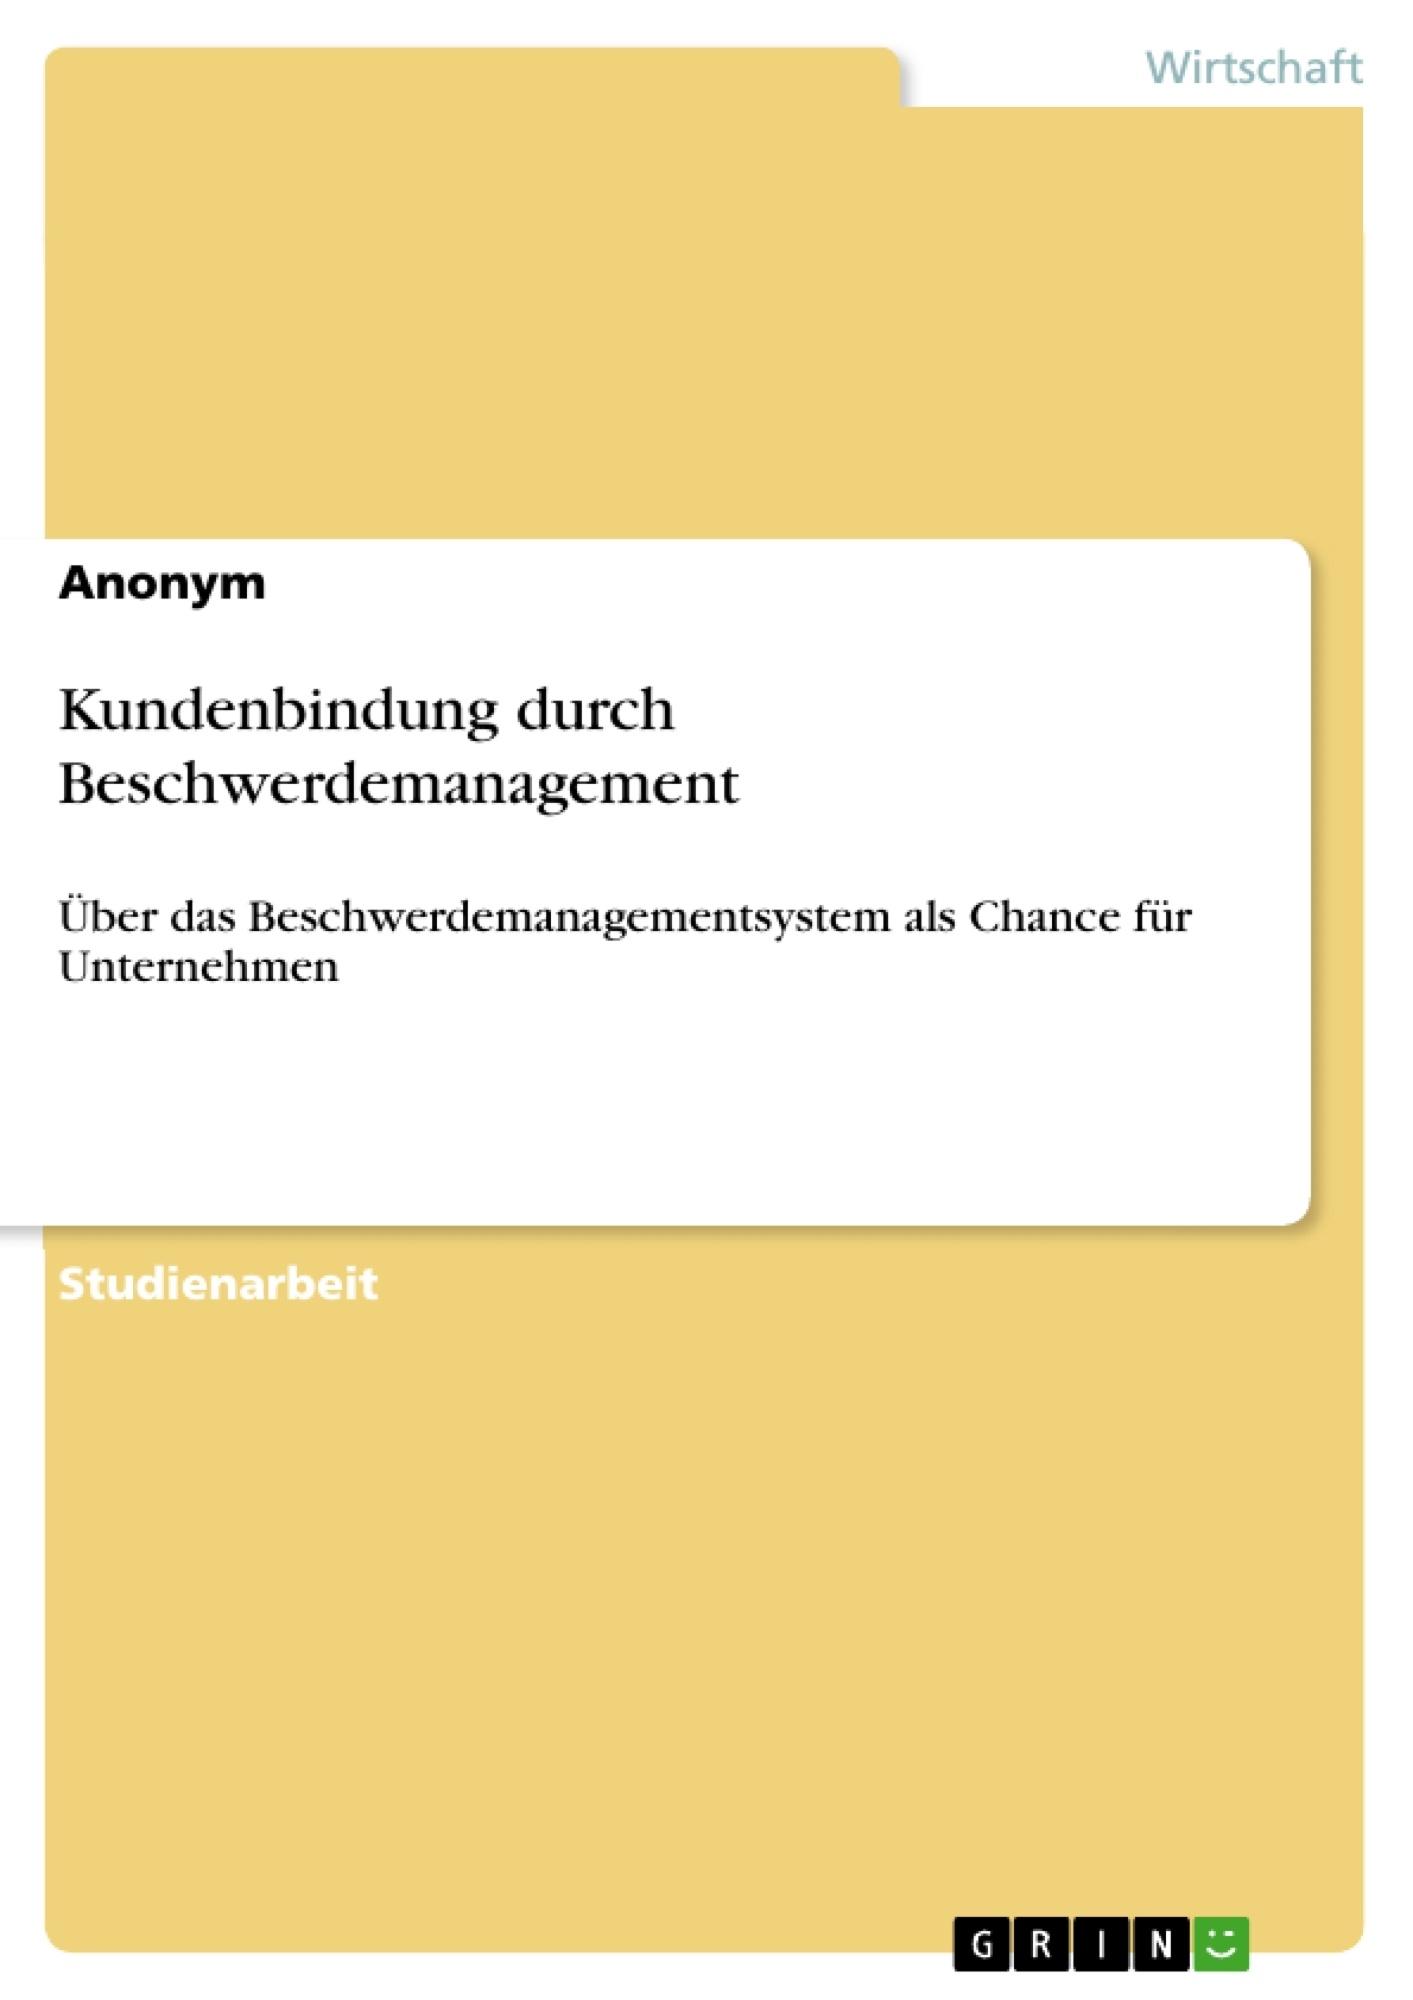 Titel: Kundenbindung durch Beschwerdemanagement